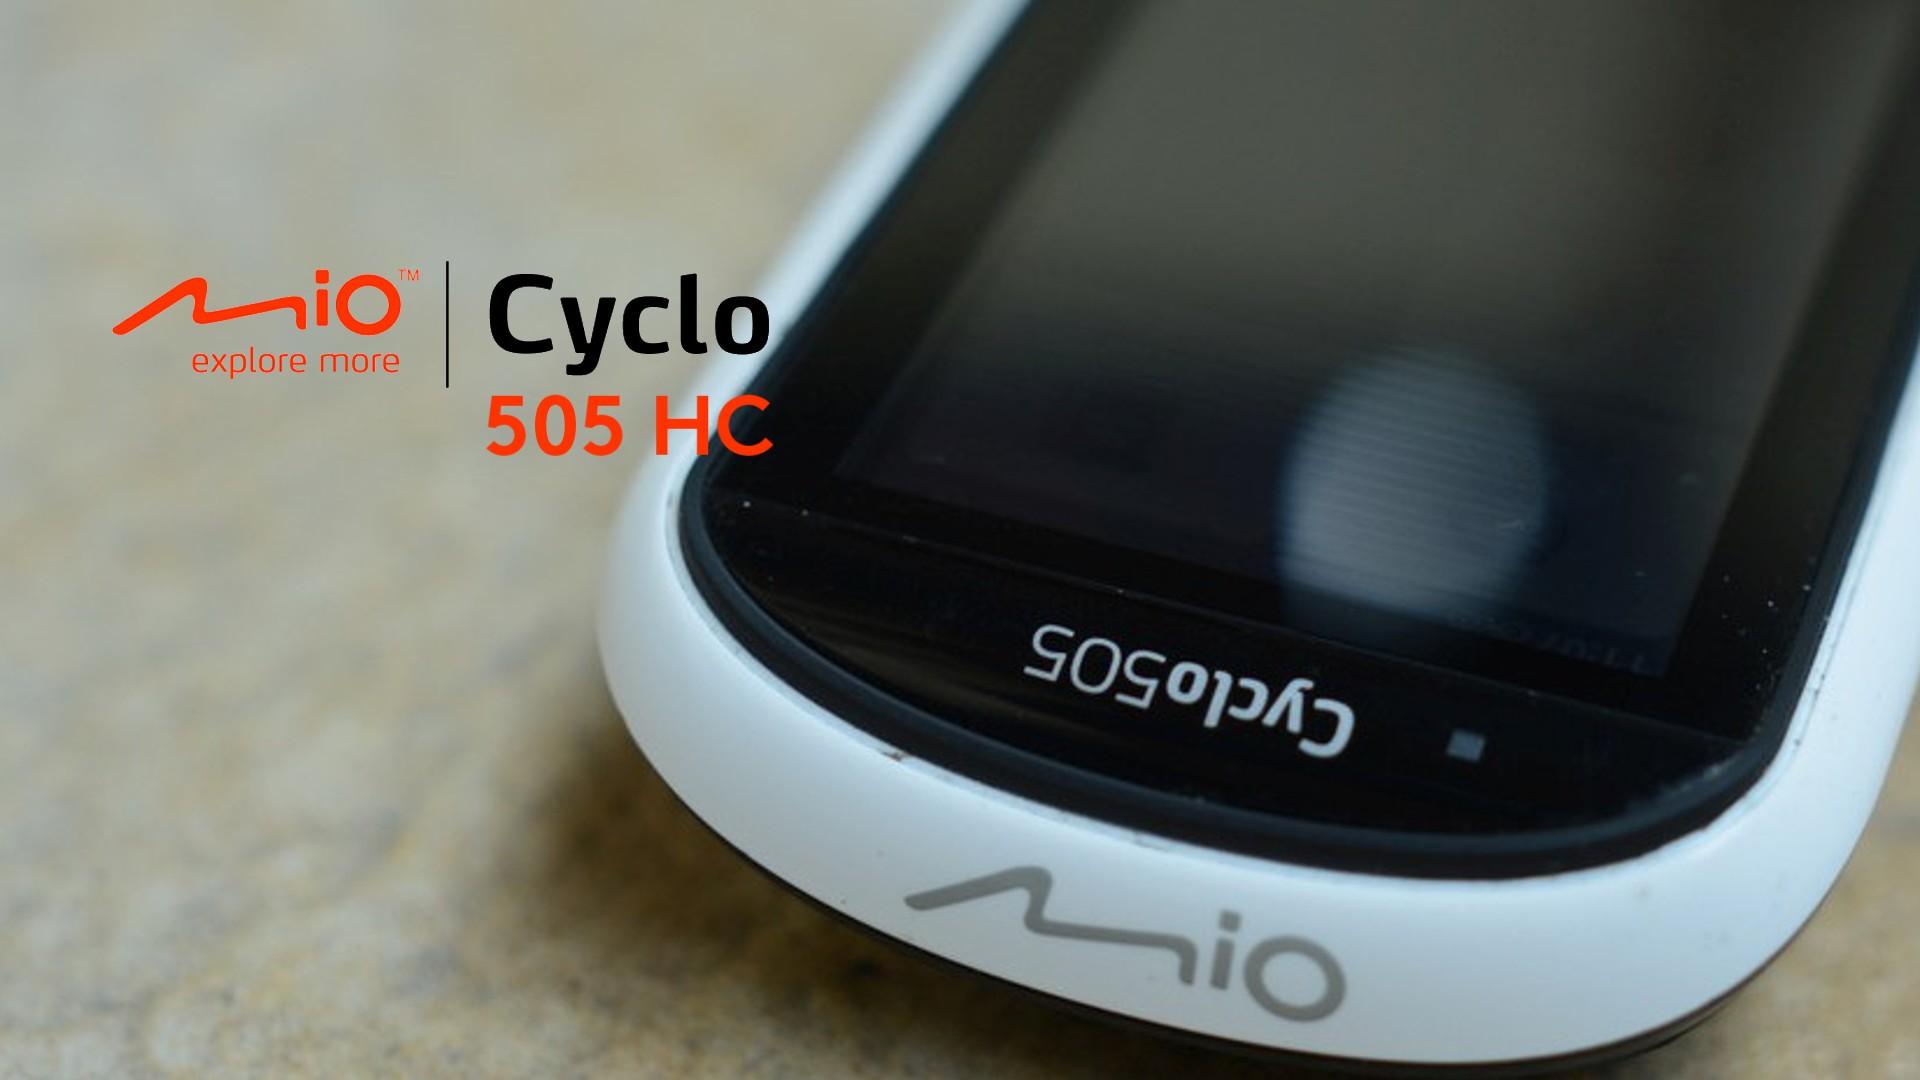 Aktualizacja oprogramowania dla urządzeń Mio Cyclo